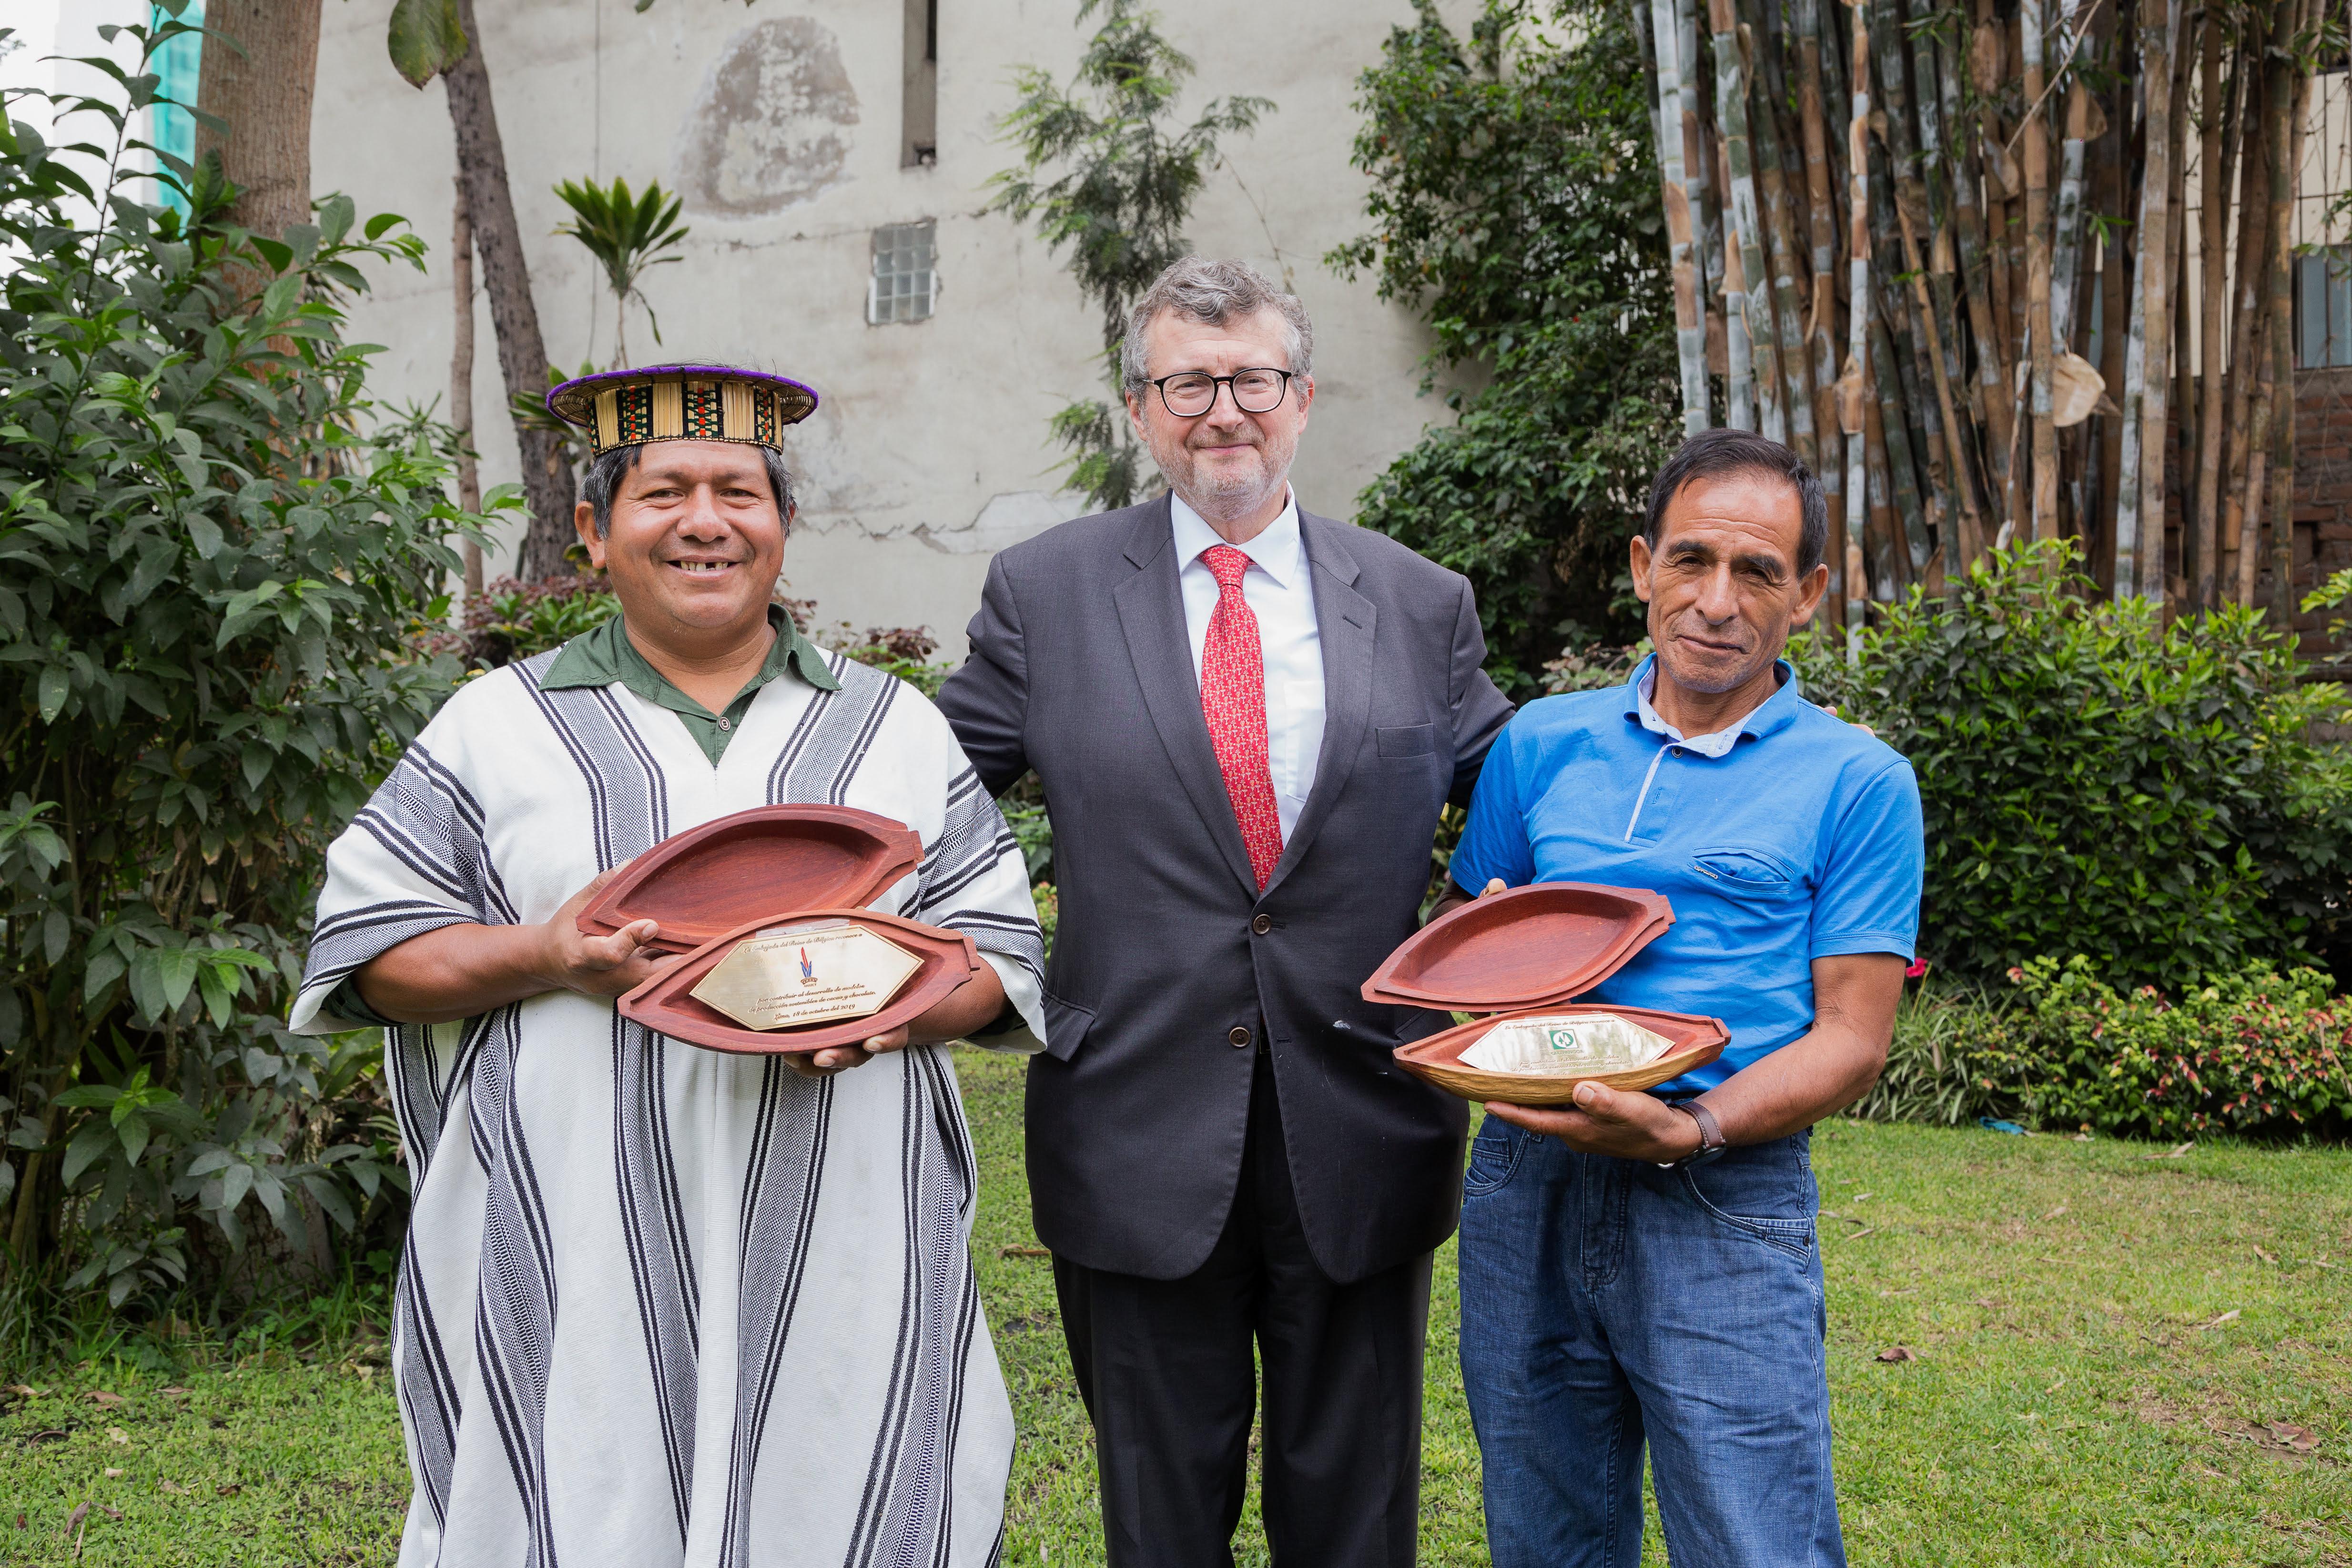 Reconocen a CAC Pangoa y Amarcy por su cacao cero deforestación